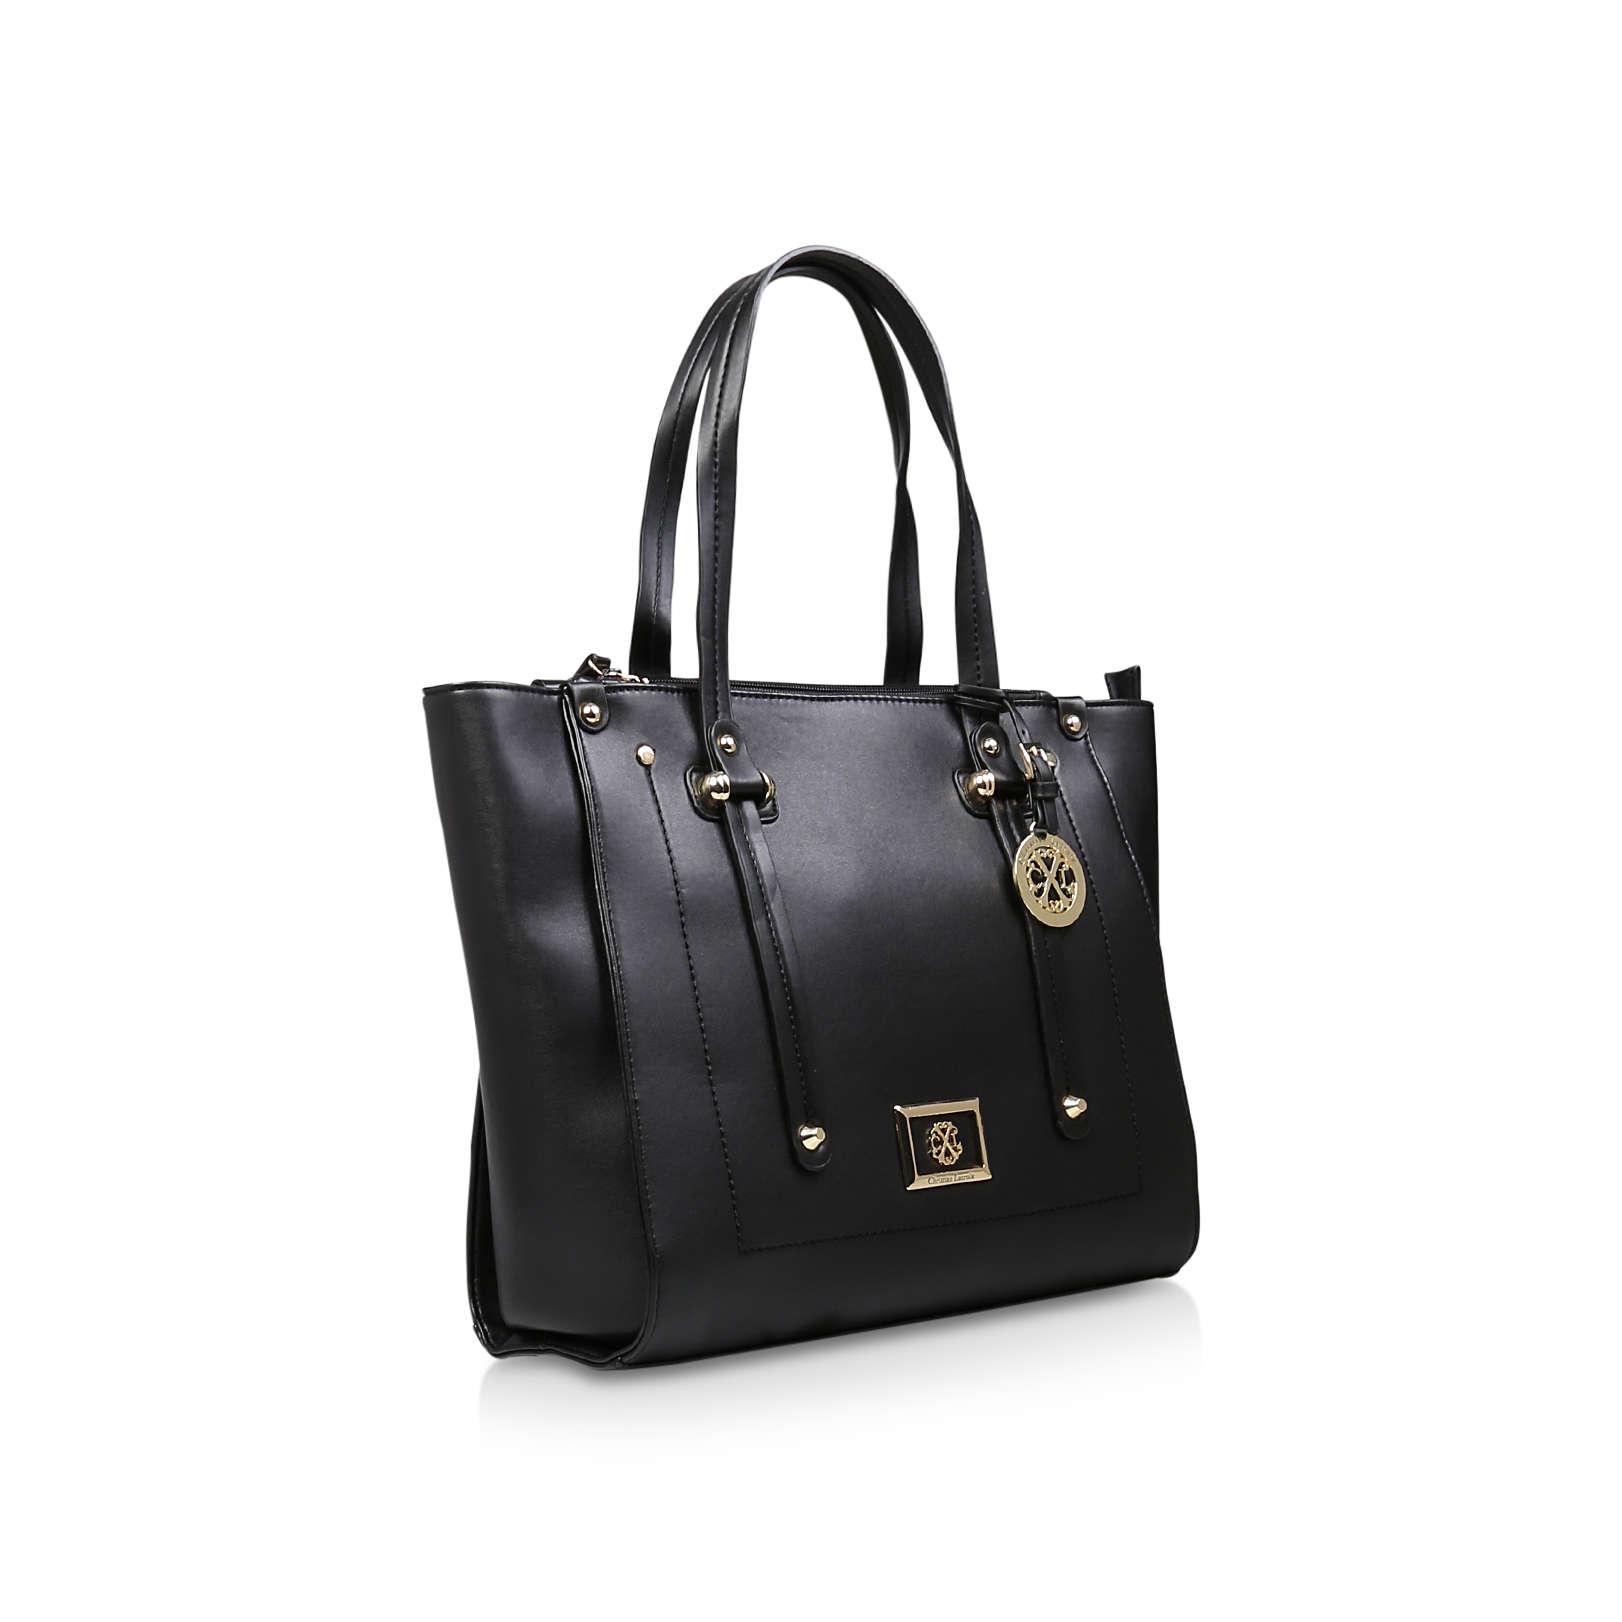 d6684cd92 MONTPELLIER Cxl By Christian Lacroix Montpellier Black Handbags by CXL BY CHRISTIAN  LACROIX